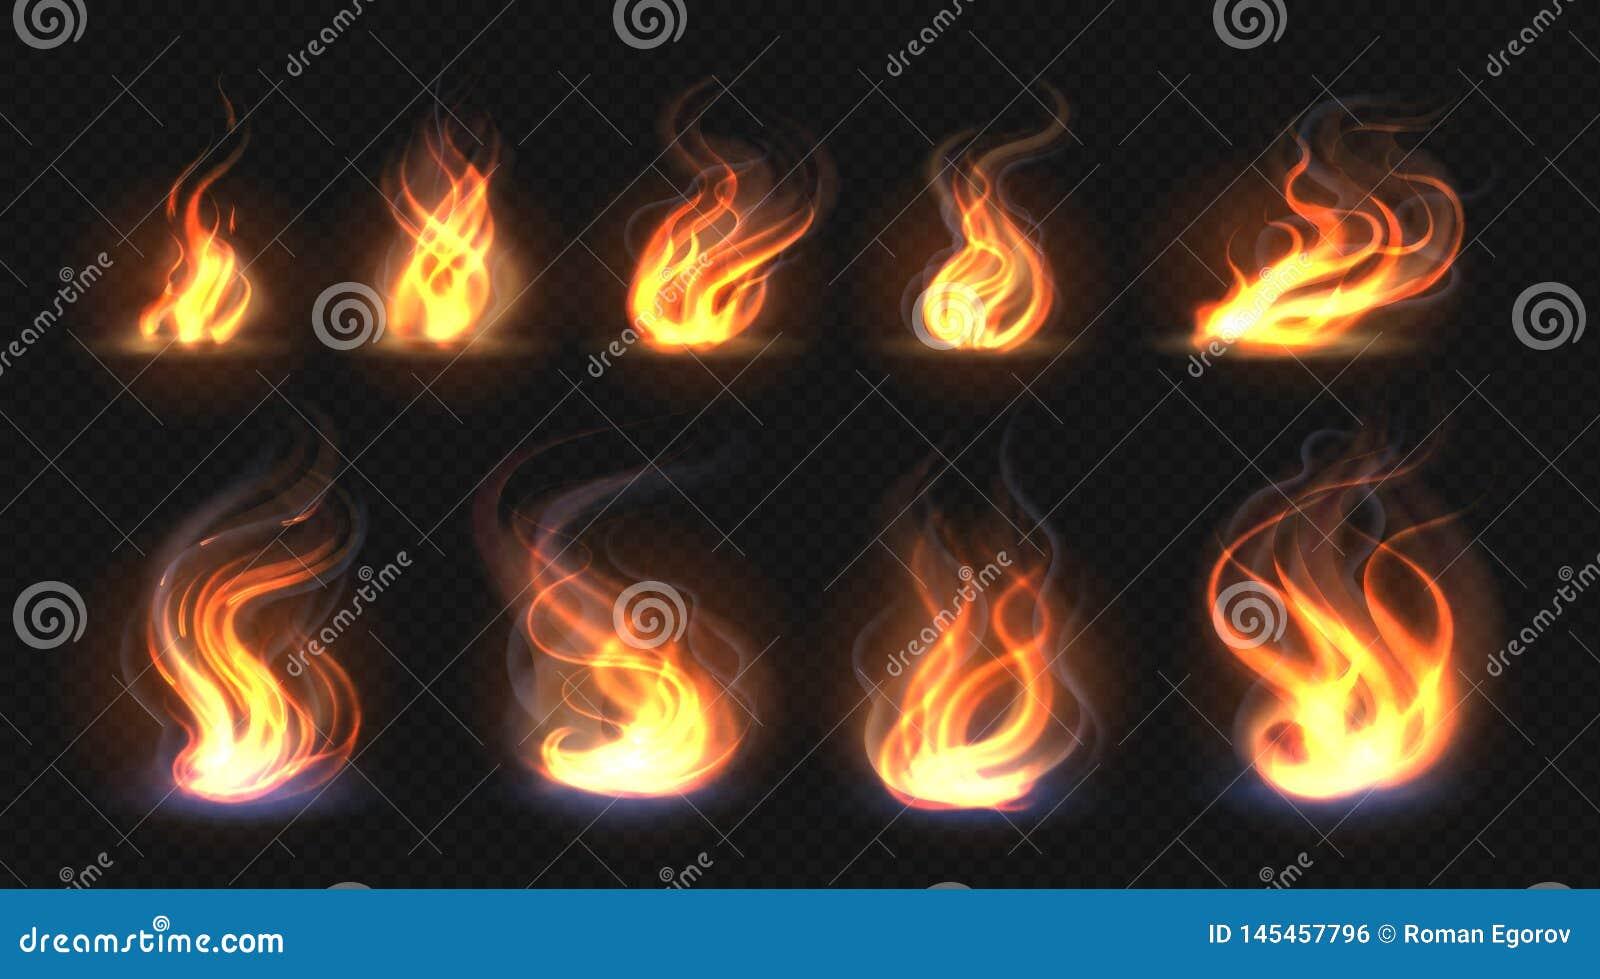 Ρεαλιστικές φλόγες πυρκαγιάς Διαφανής επίδραση φανών, αφηρημένη φλόγα κόκκινου φωτός, πρότυπο σχεδίου πυρών προσκόπων Διανυσματικ